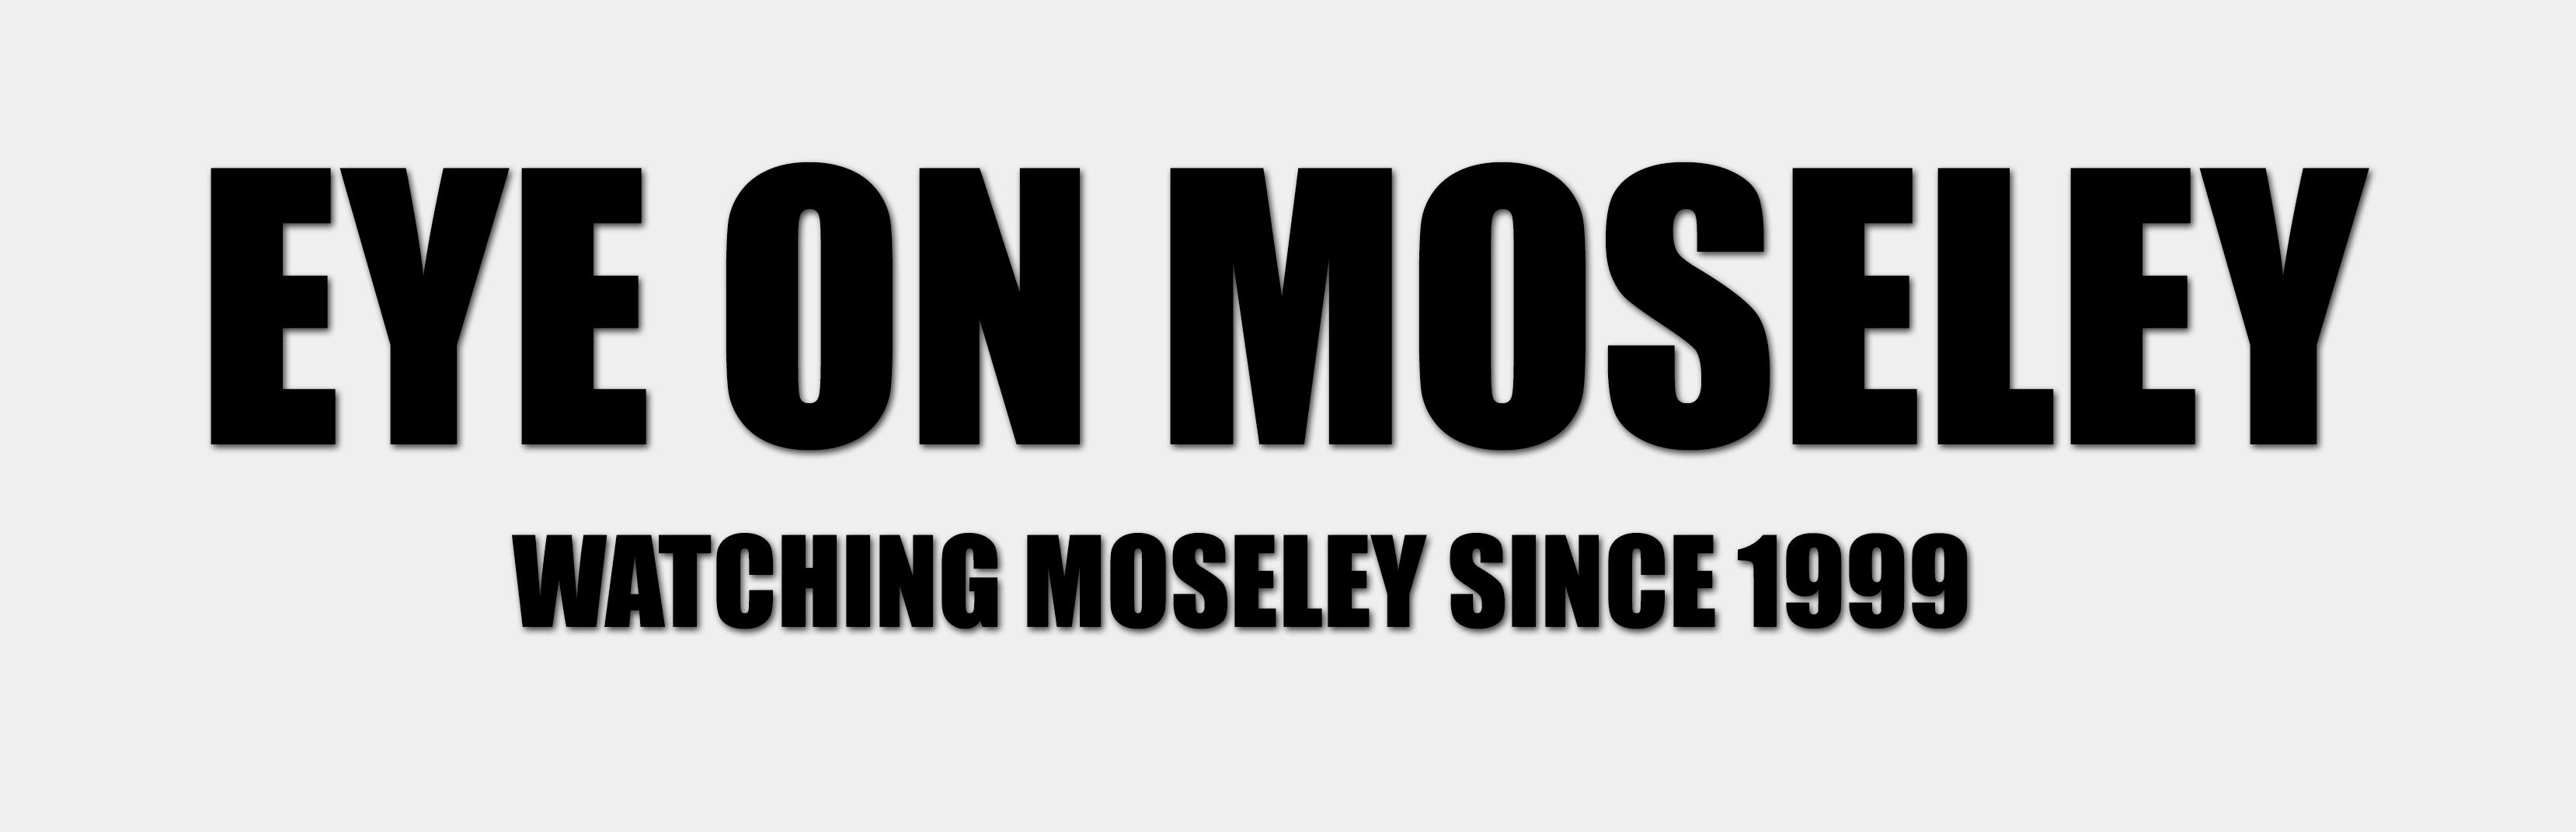 Eye on Moseley